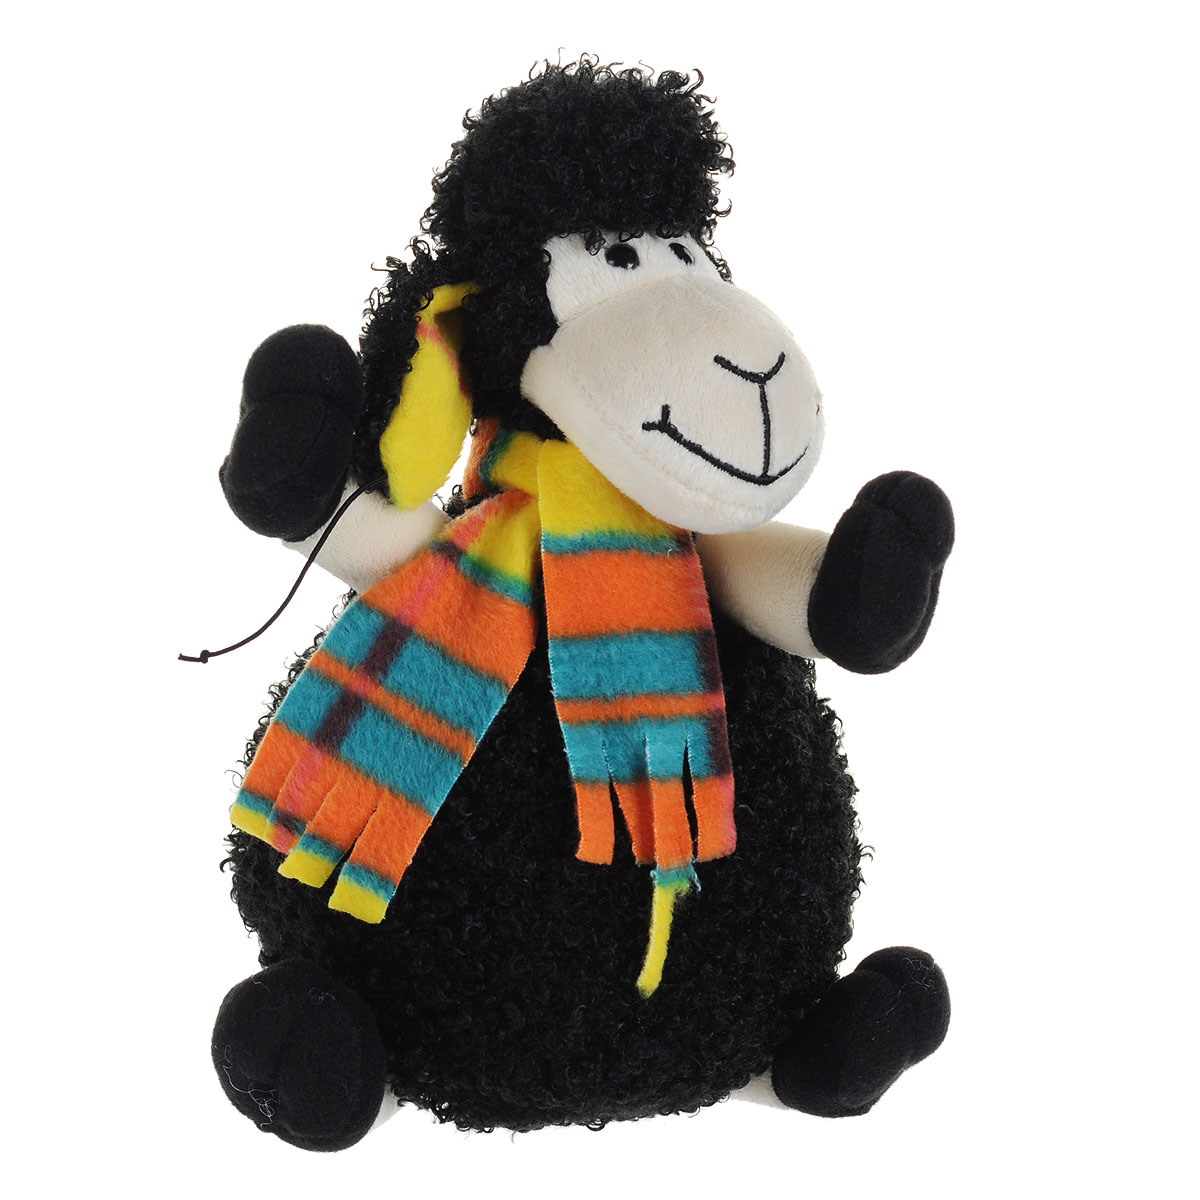 Мягкая игрушка Fancy Барашек Митя, в шапке, 28 см малышарики мягкая игрушка барашек 20 см